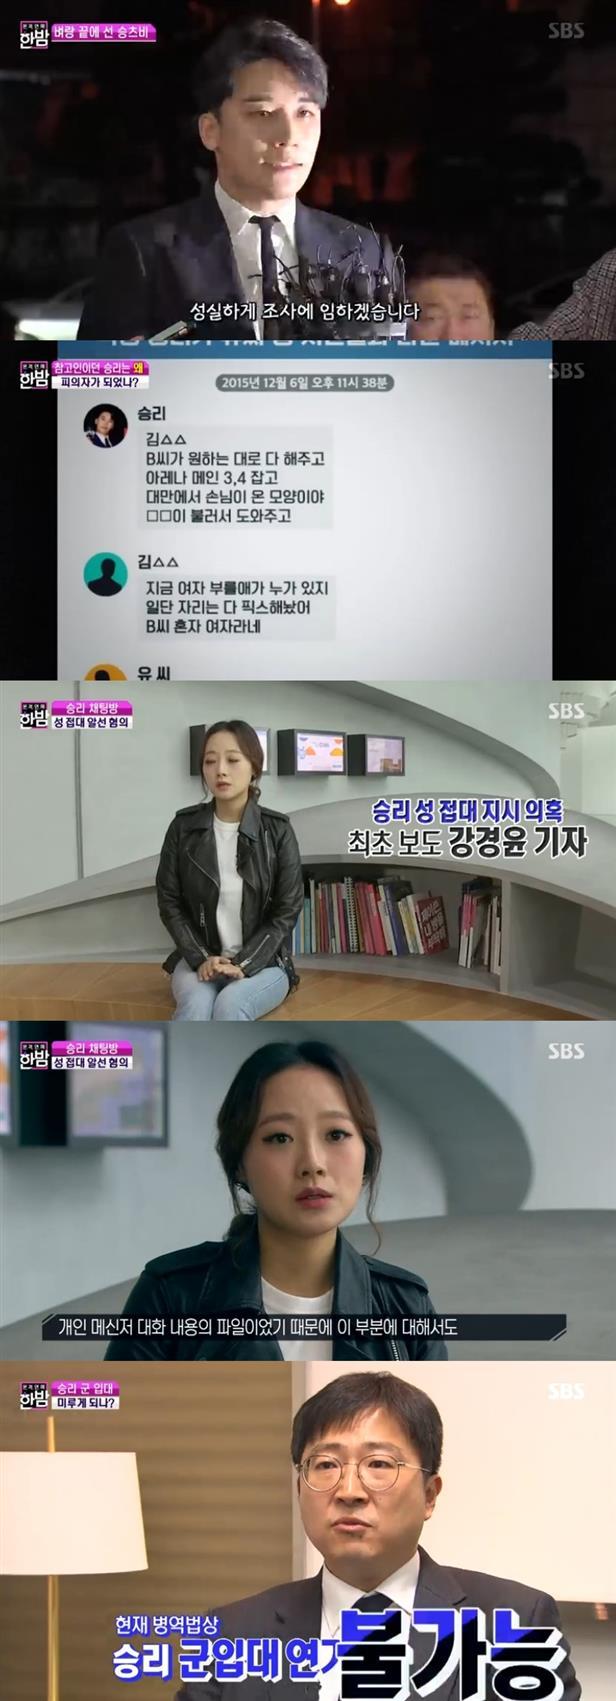 """'한밤' 승리, """"입영 연기 불가→ 기소시 군사재판 받아"""" 법률가 발언 들여다보니?"""